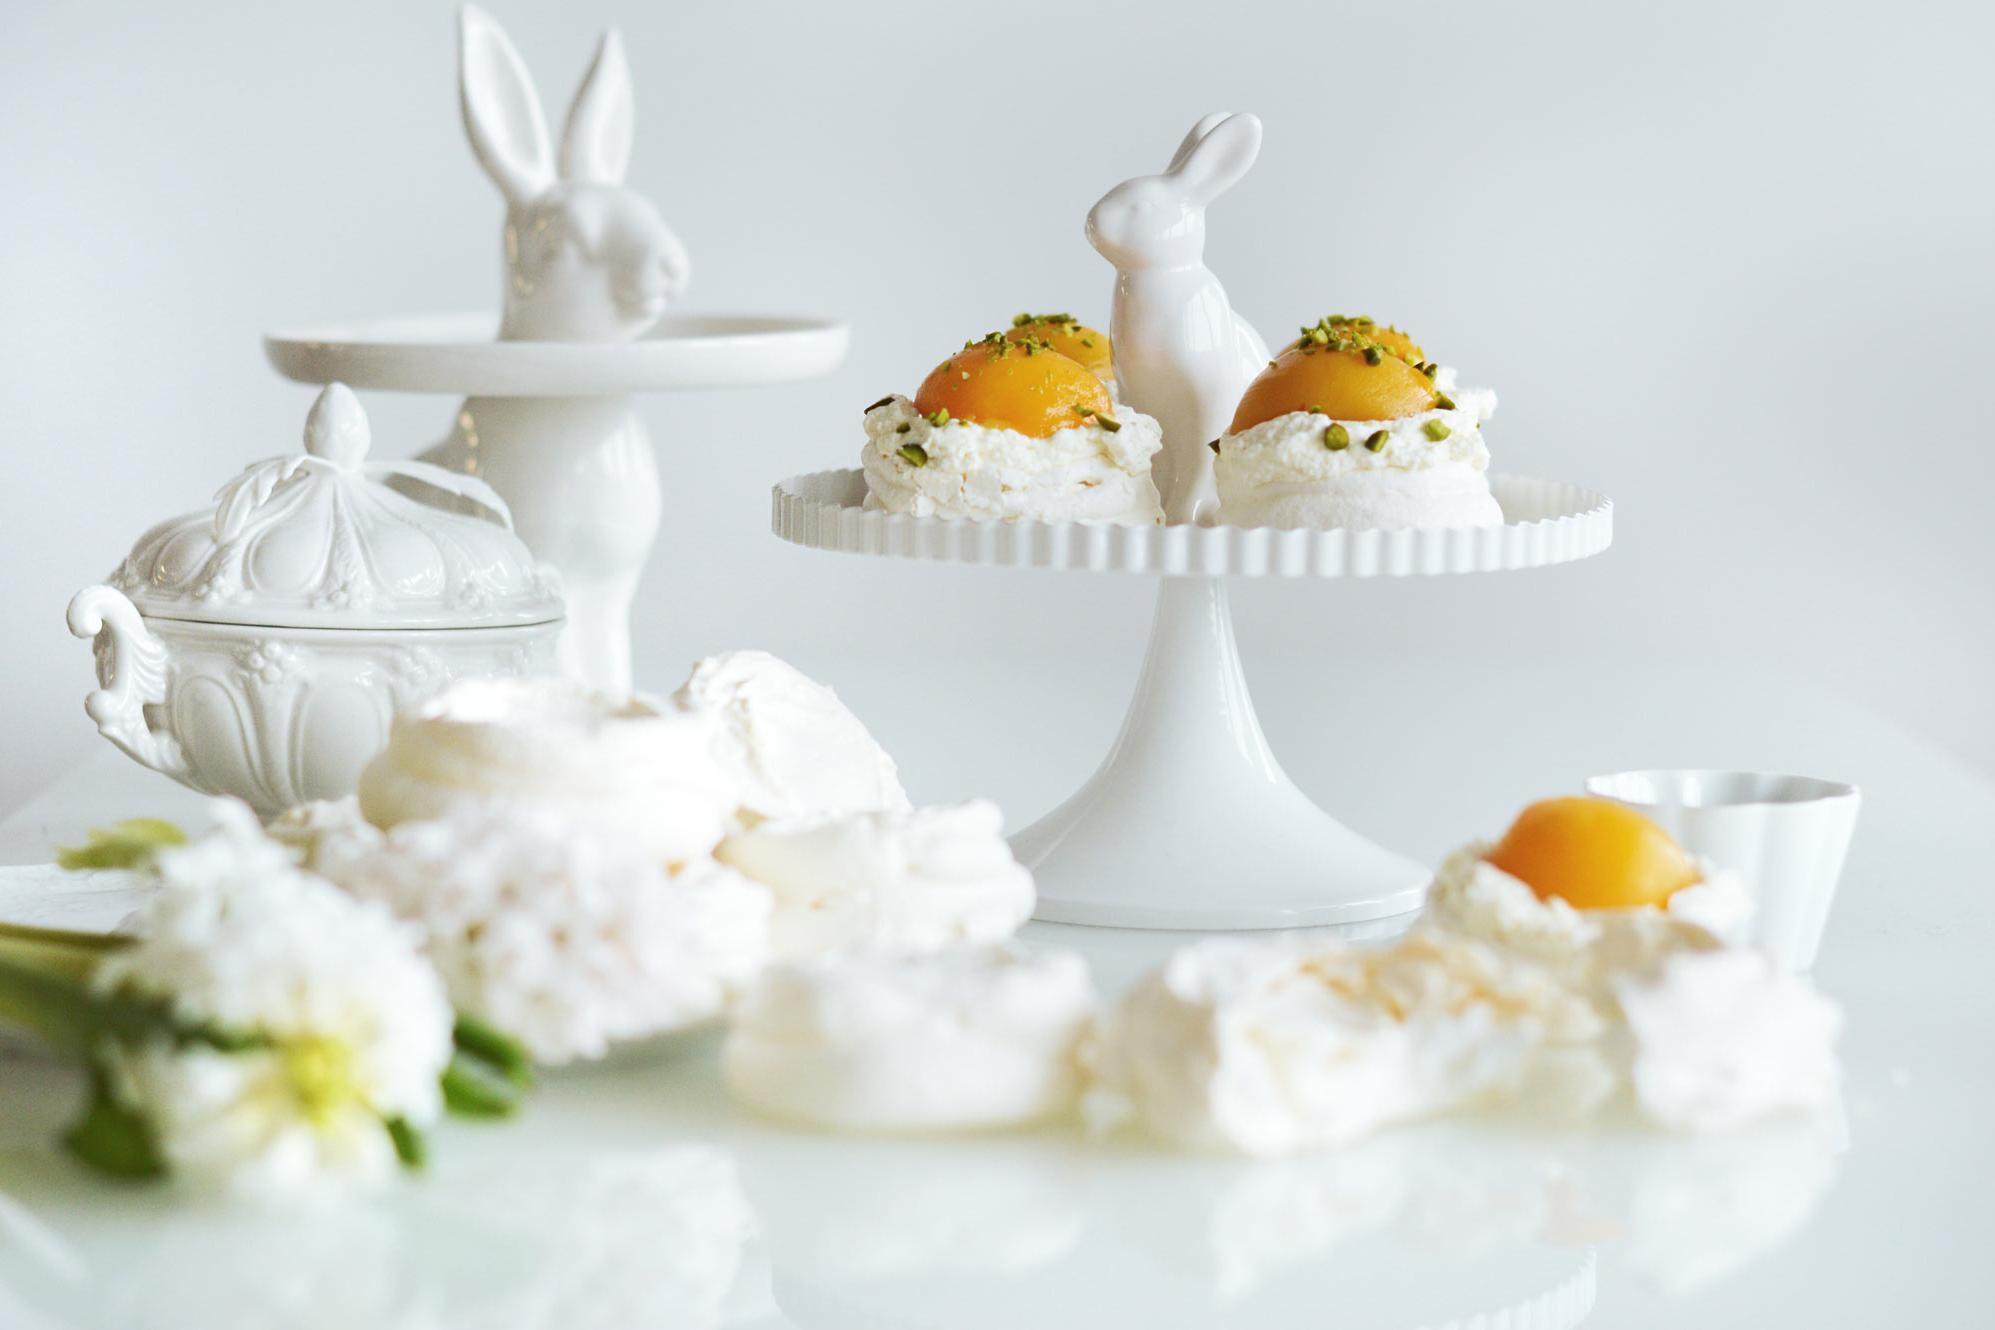 Das Weiße vom Ei